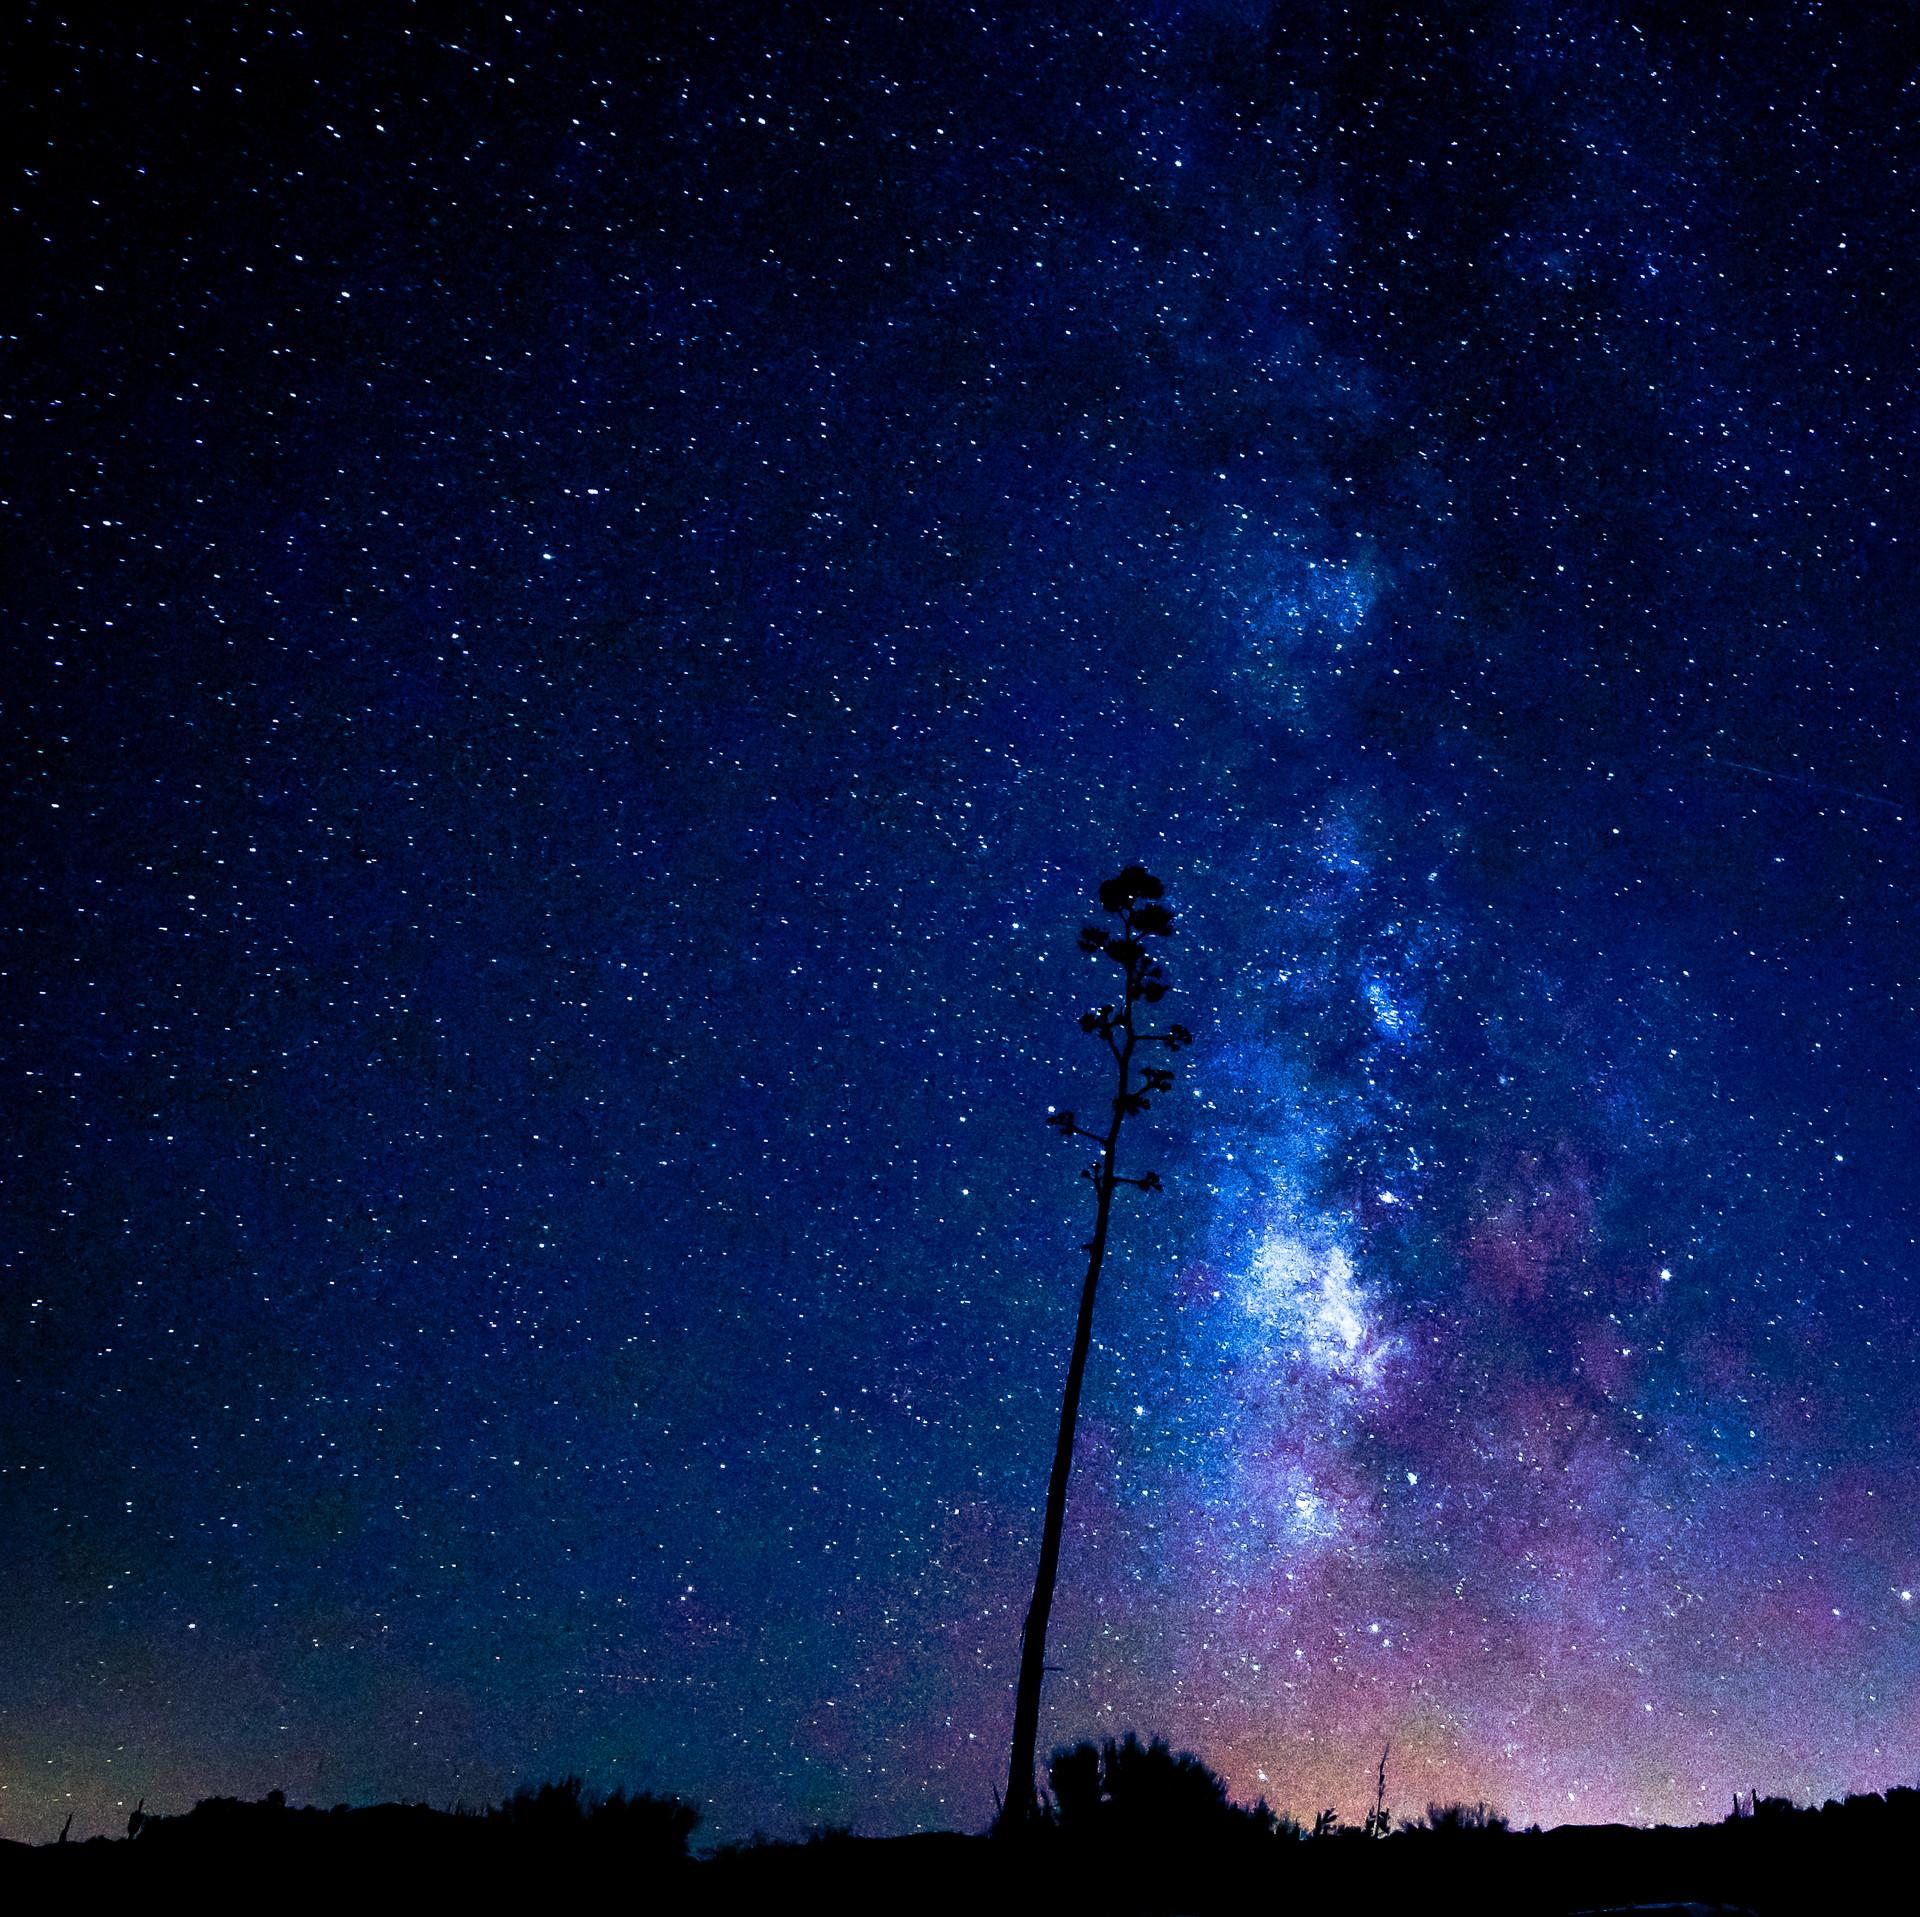 Milkyway Century